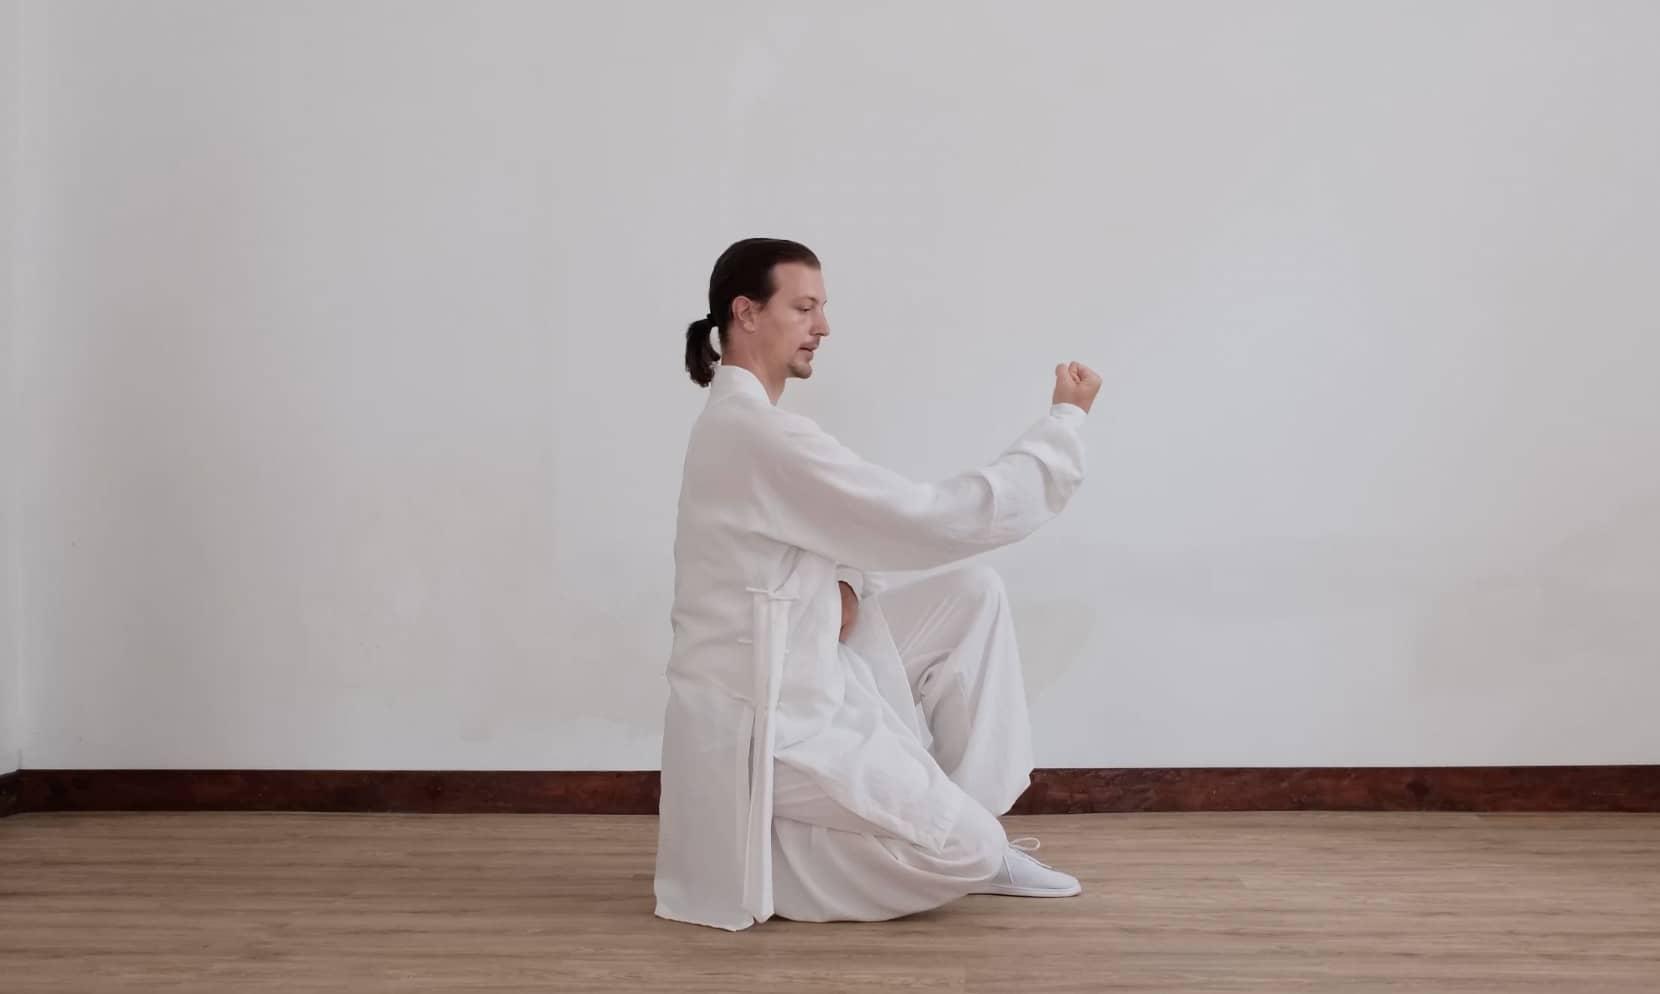 Taiji 13 – Mabu Punch – Part 10